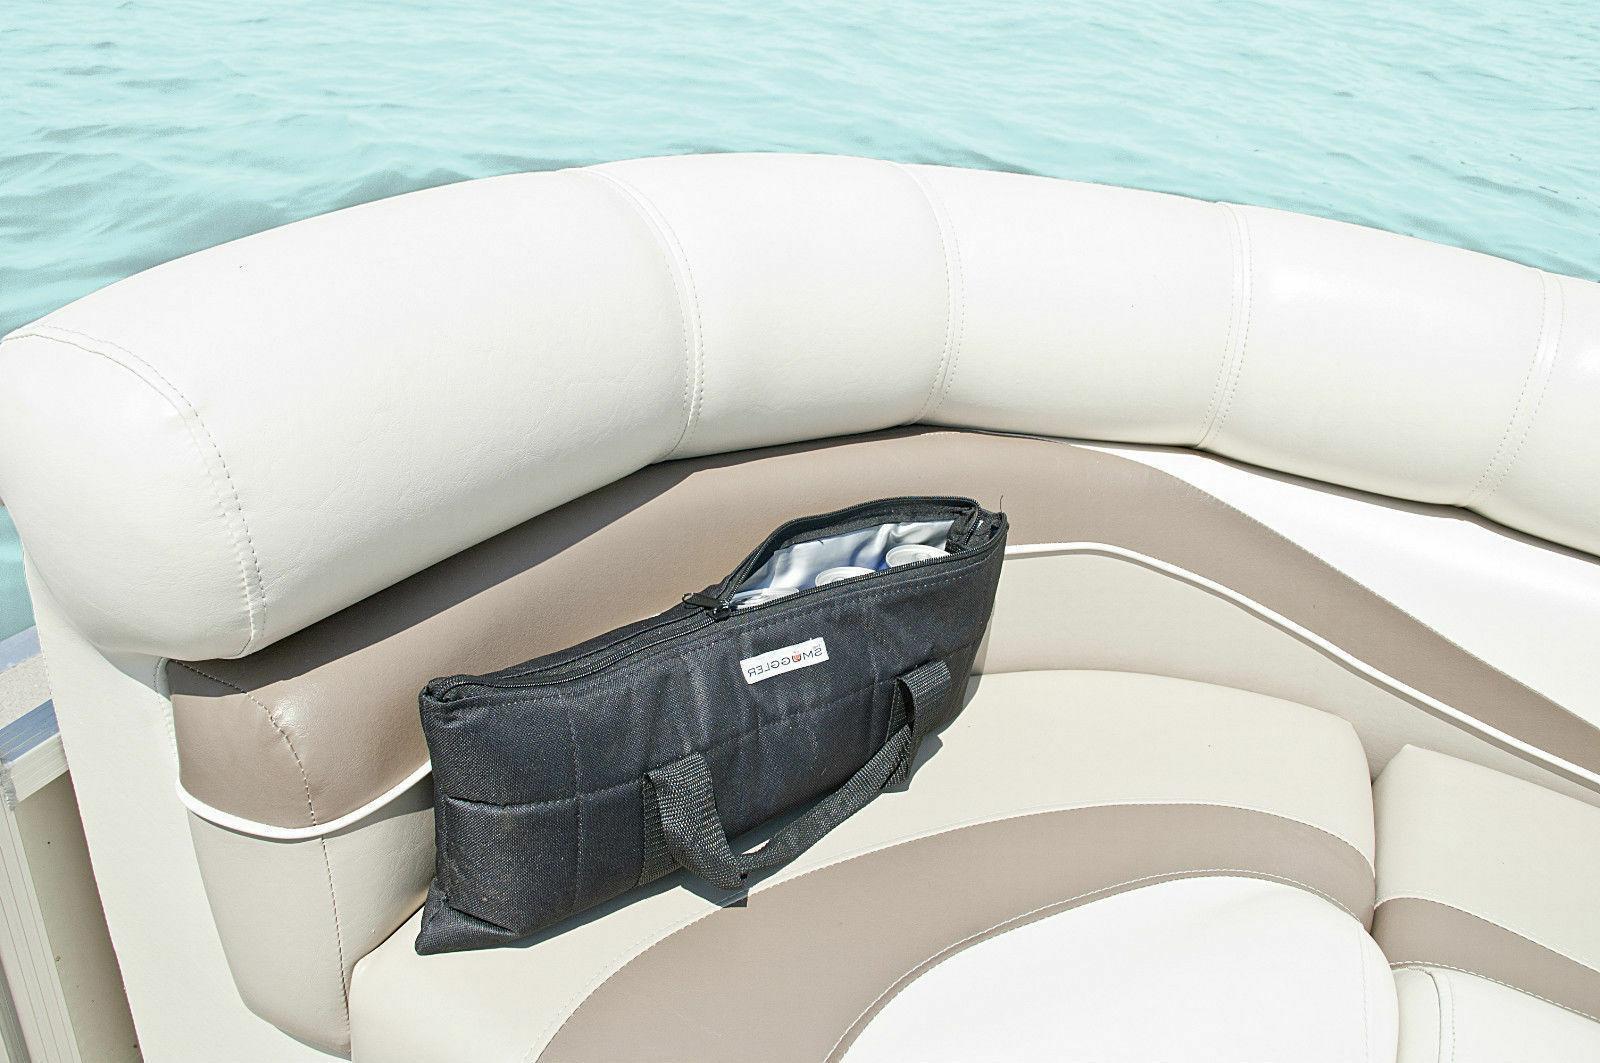 Smuggler Golf Bag Soft Sided Drink Cooler